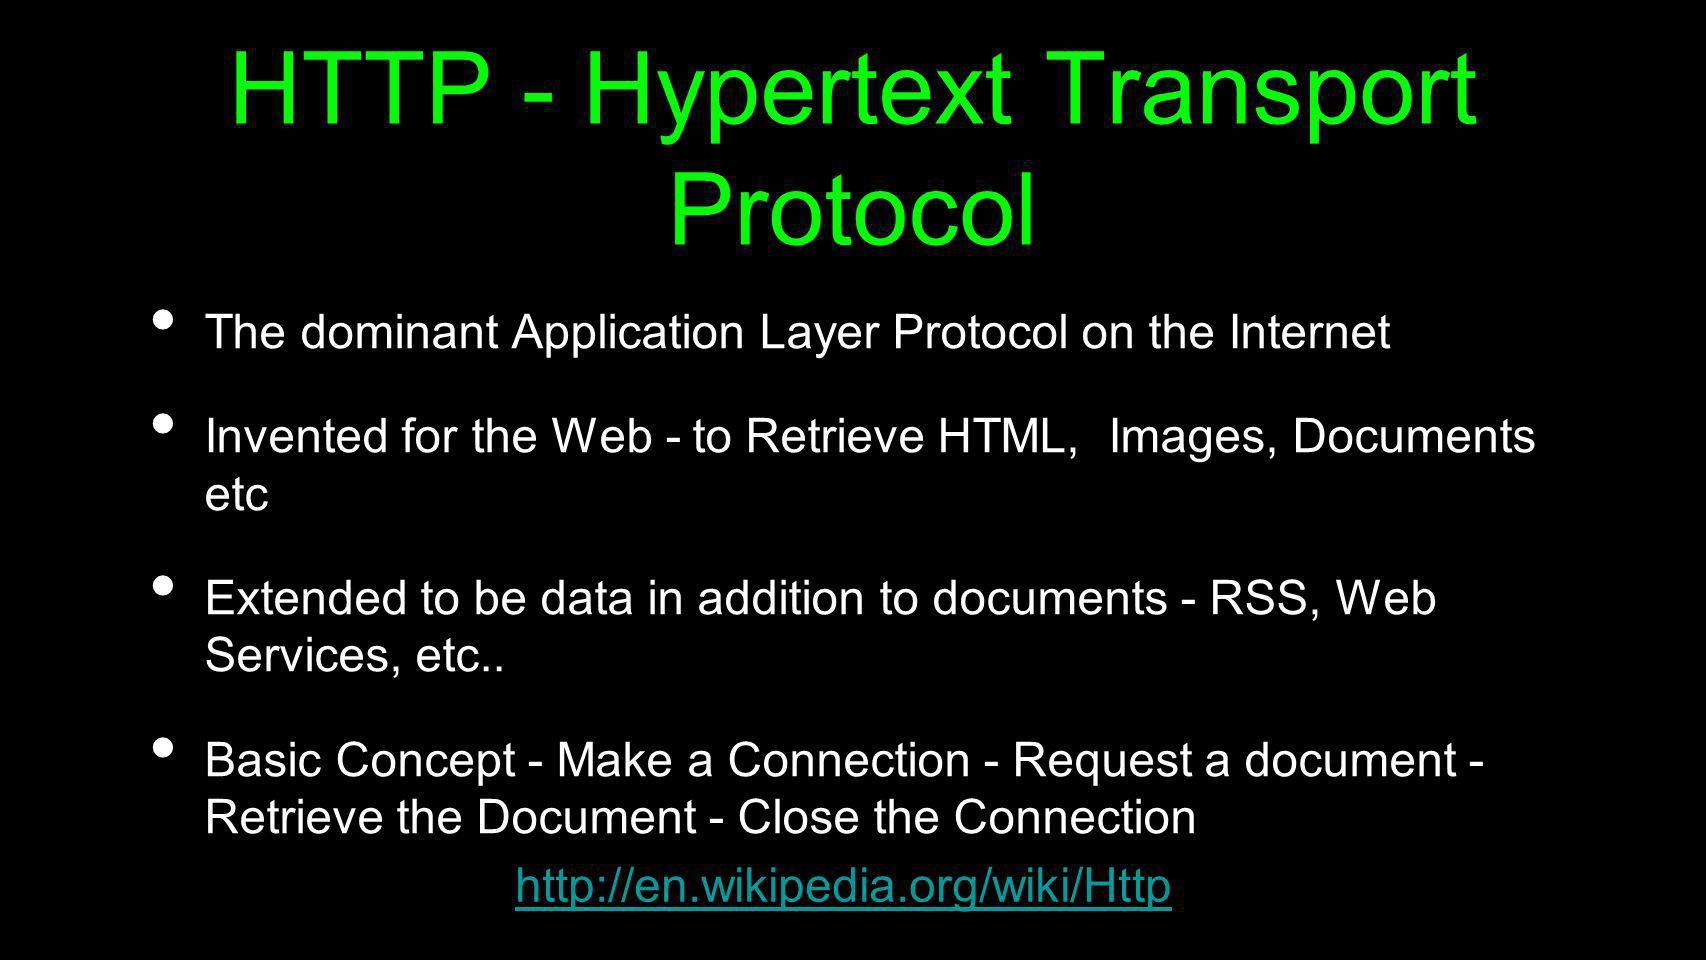 HTTP - Hypertext Transport Protocol